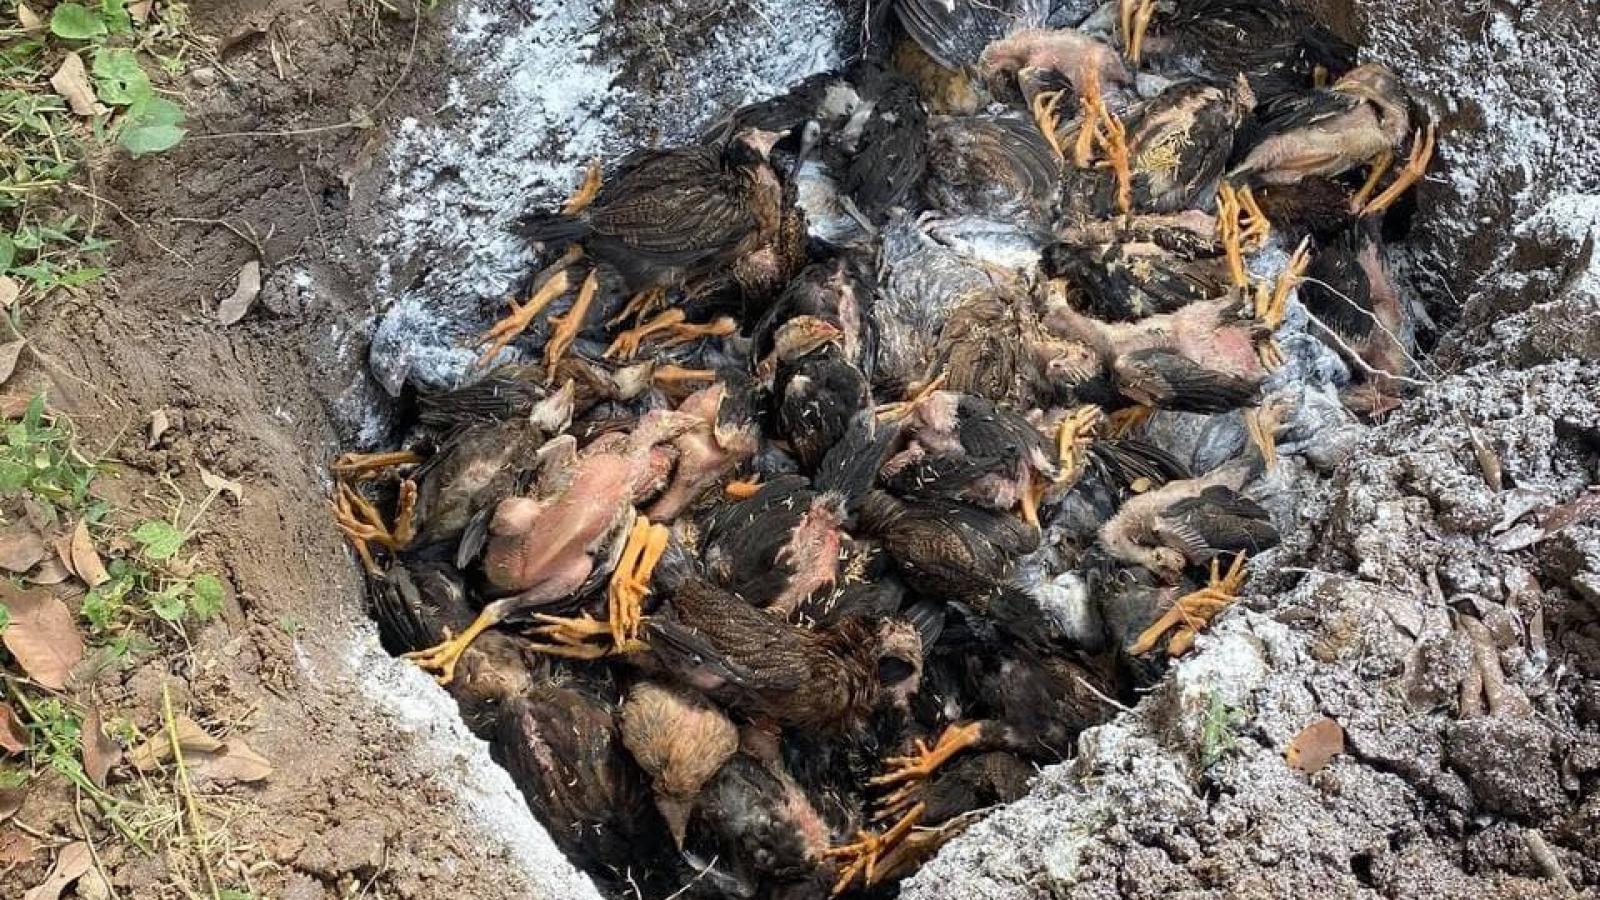 Campuchia: Gà chết hàng loạt không rõ nguyên nhân